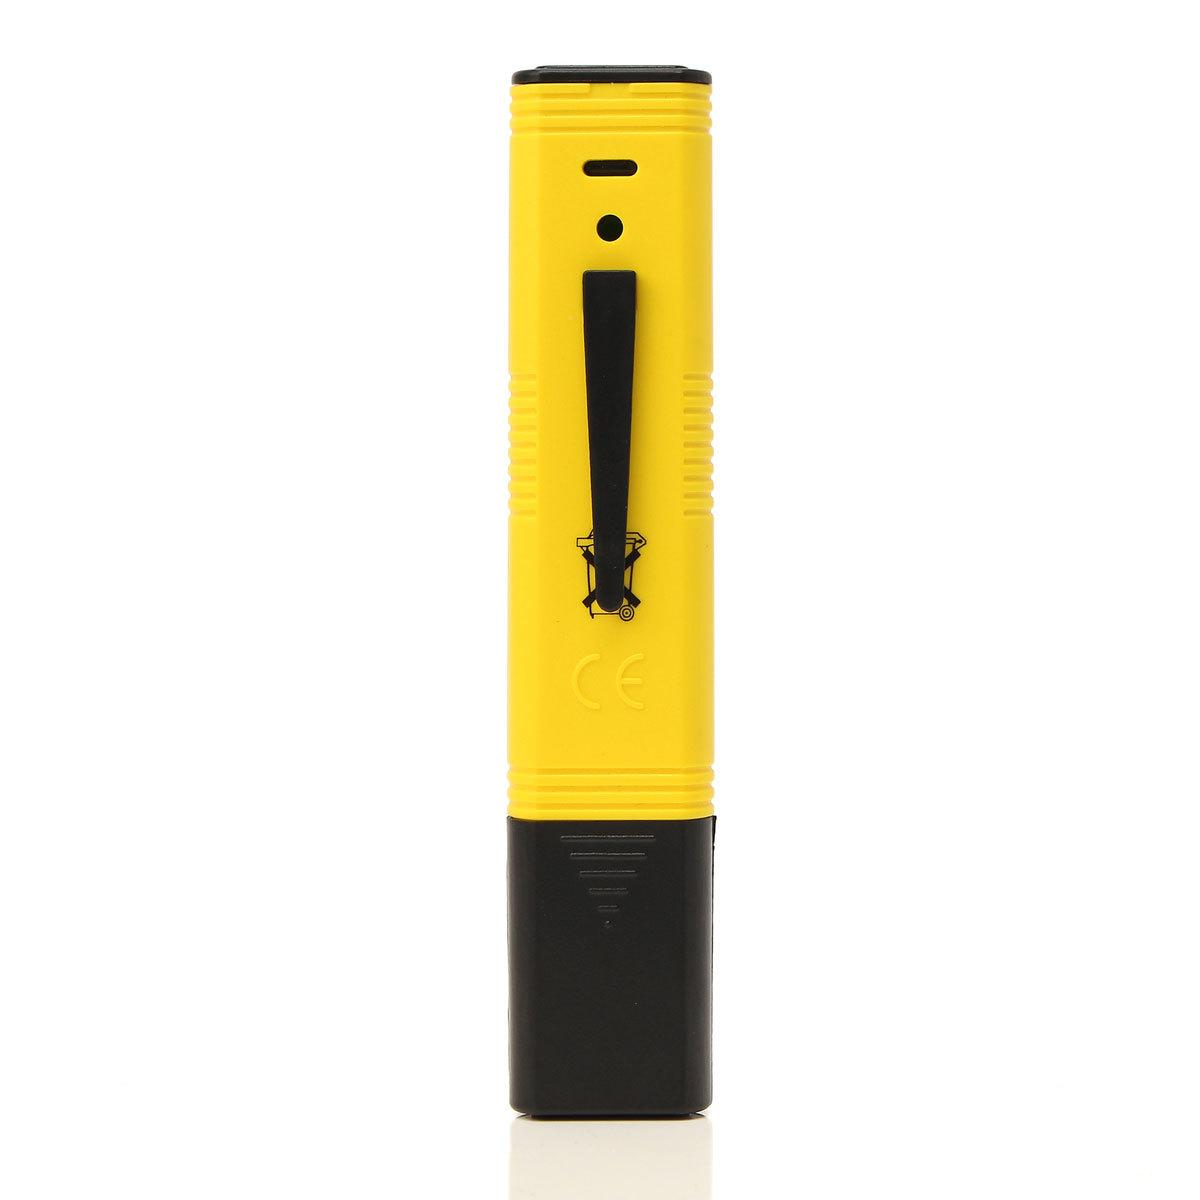 Portable Digital PH Meter Tester Aquarium Pool Water Wine Urine LCD Pen Monitor